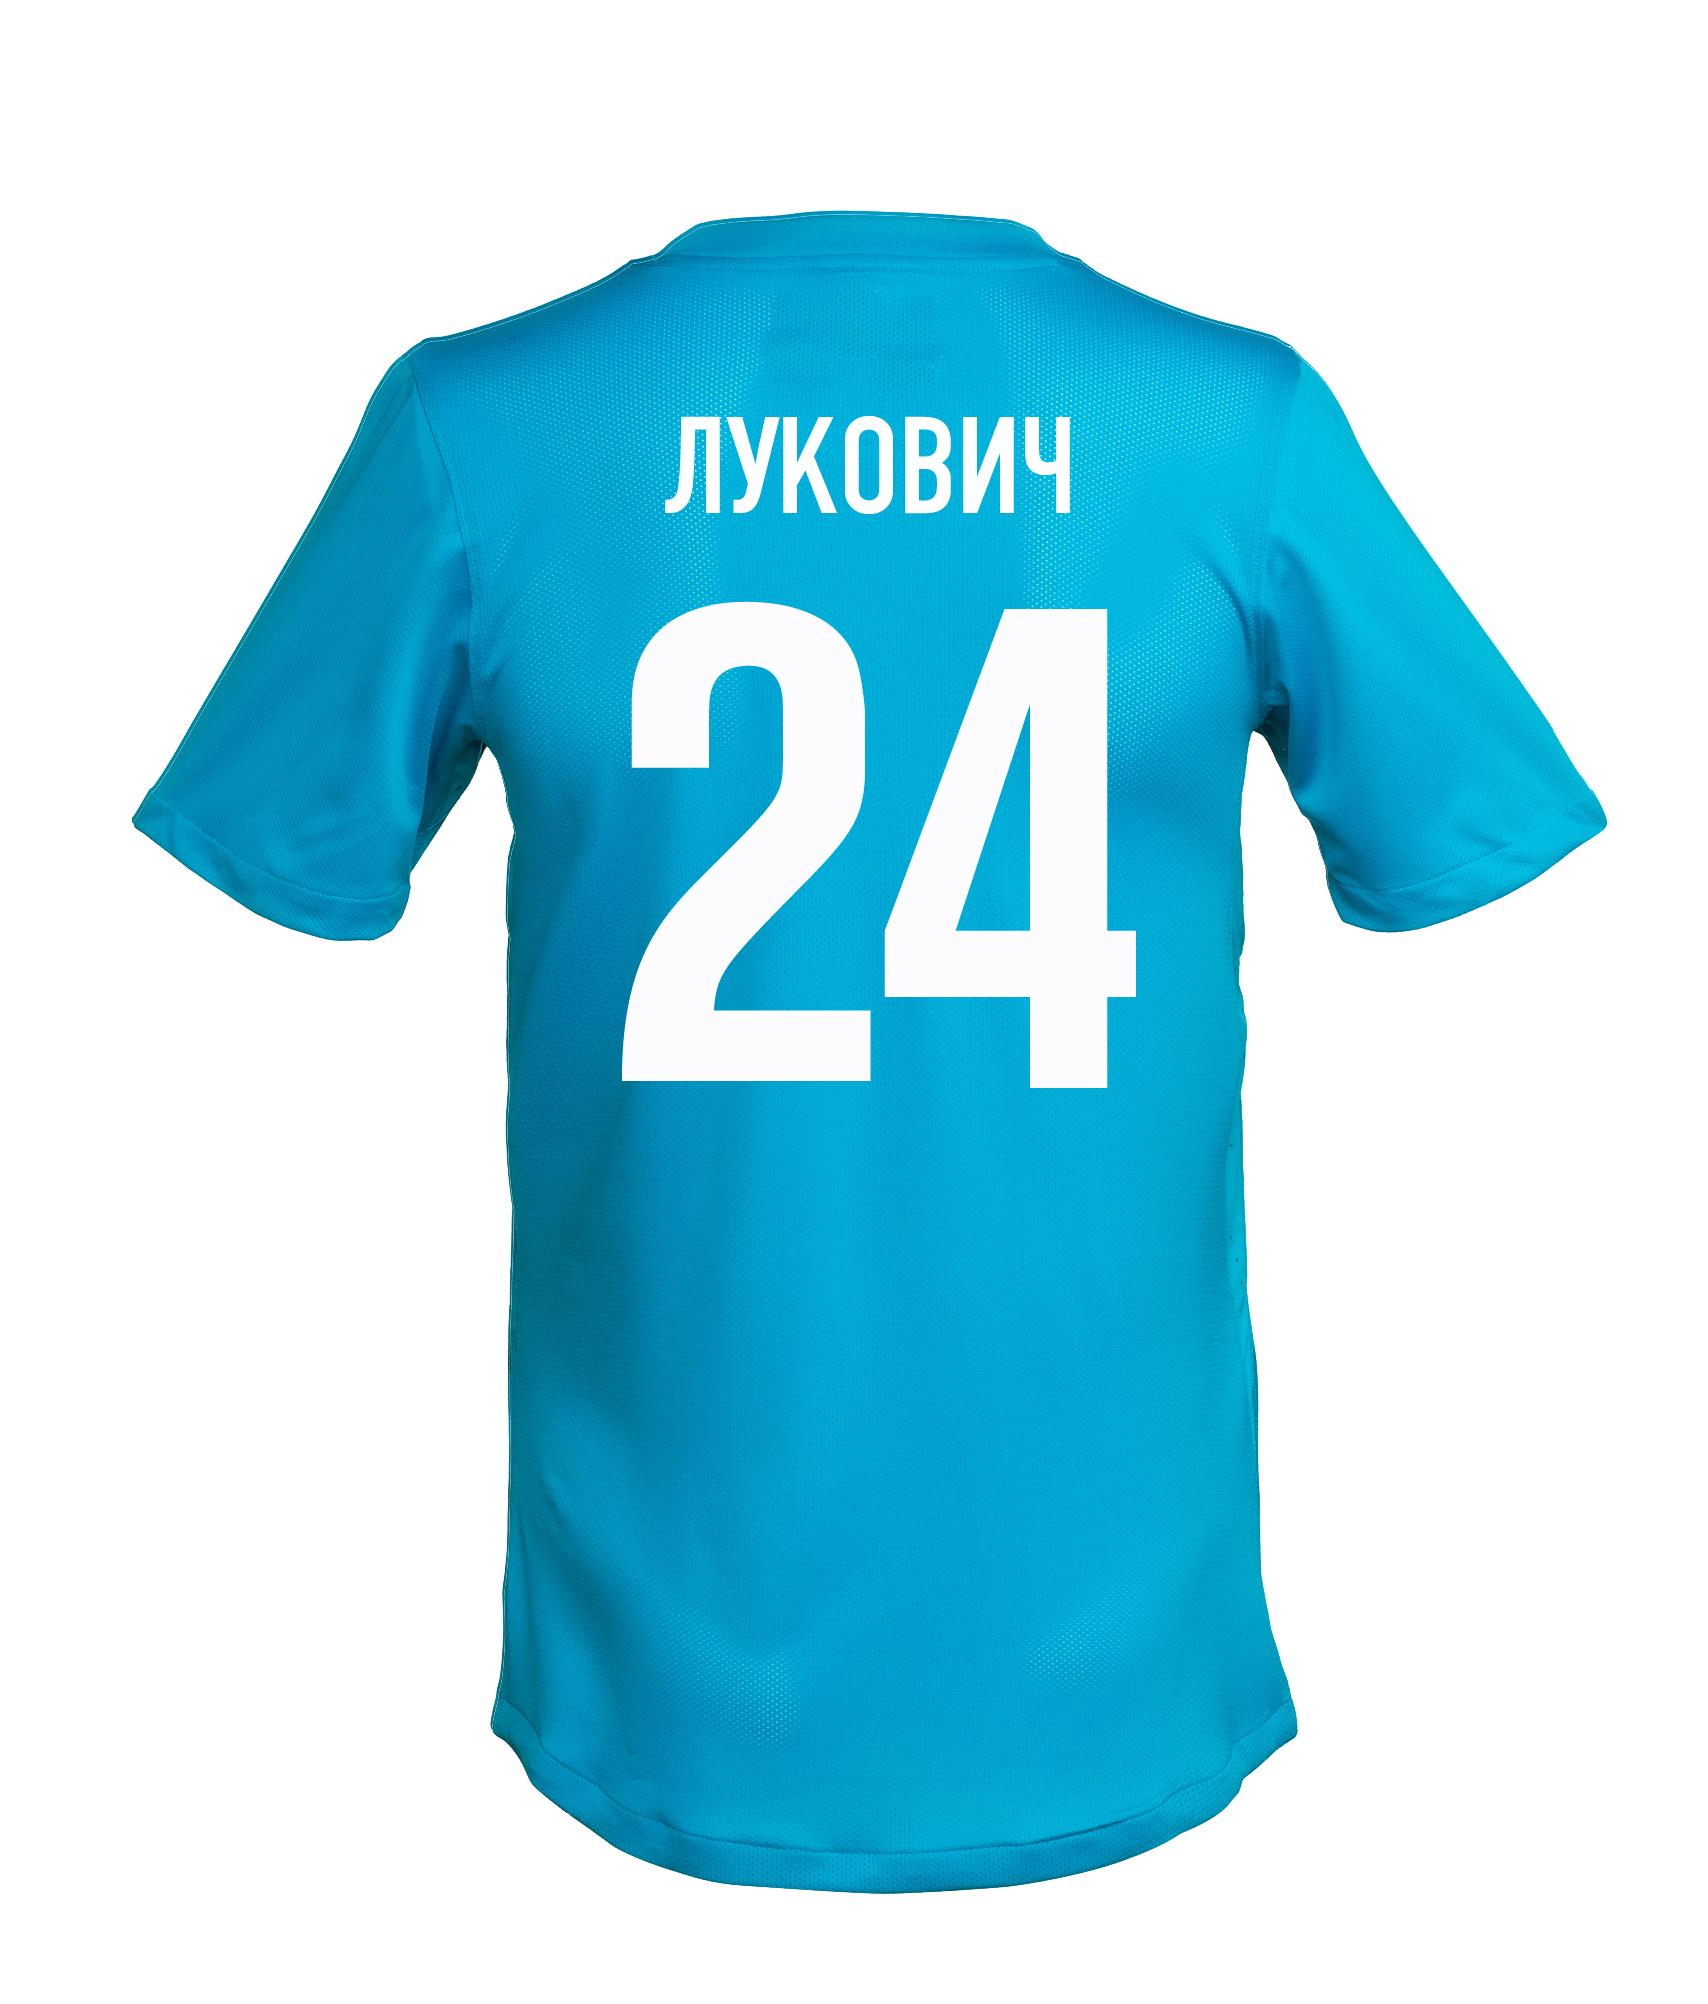 Игровая футболка с фамилией и номером А. Луковича, Цвет-Синий, Размер-XL